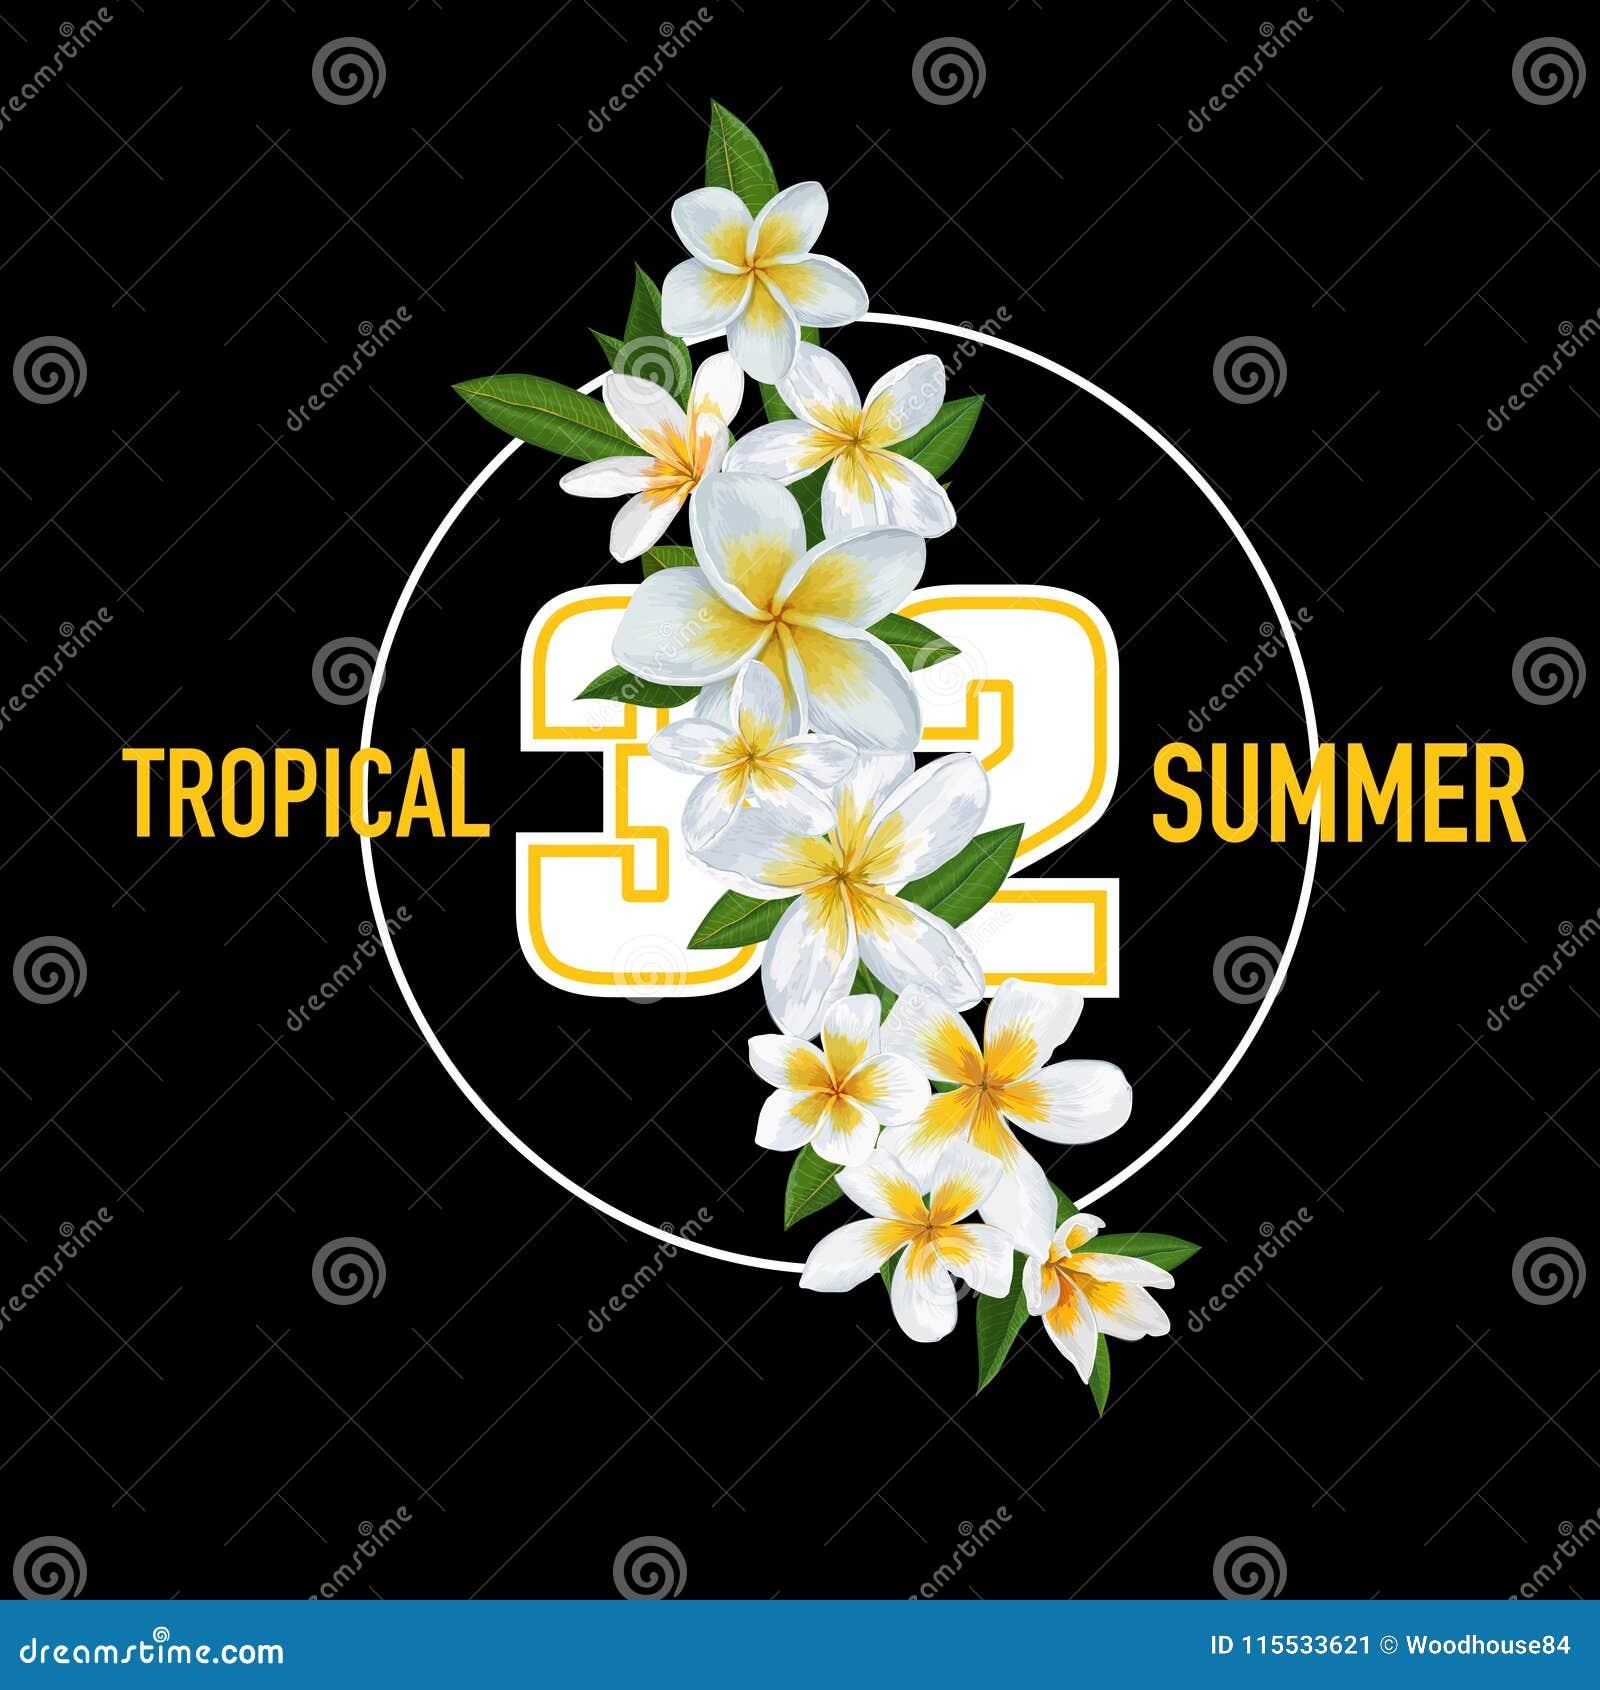 Sommer Tropischer Hintergrund Mit Plumeria Blumen Und Palmblttern Exotisches Typografisches Design Fr Abdeckung T Shirt Plakat Verkaufs Fahne Auch Im